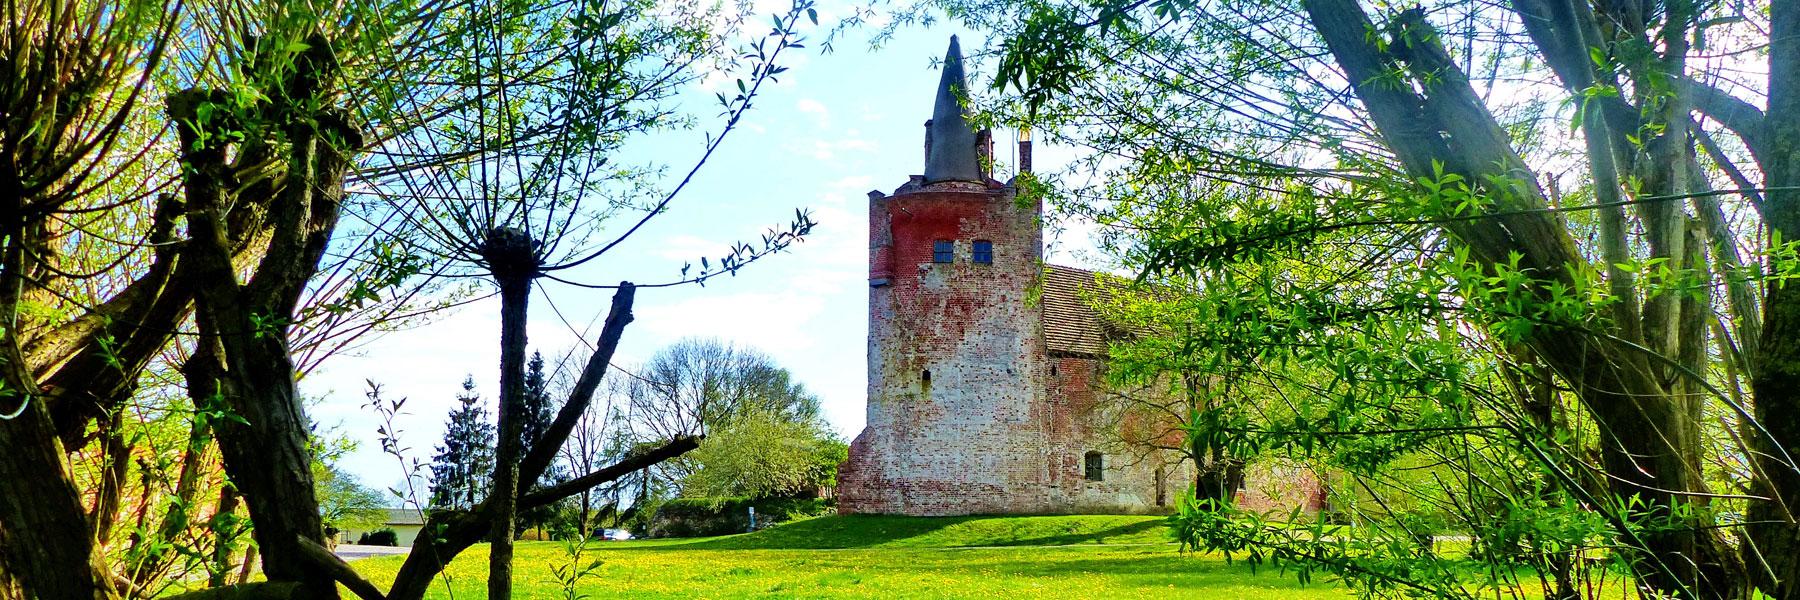 Blick auf die Burg - Kanustation Klempenow